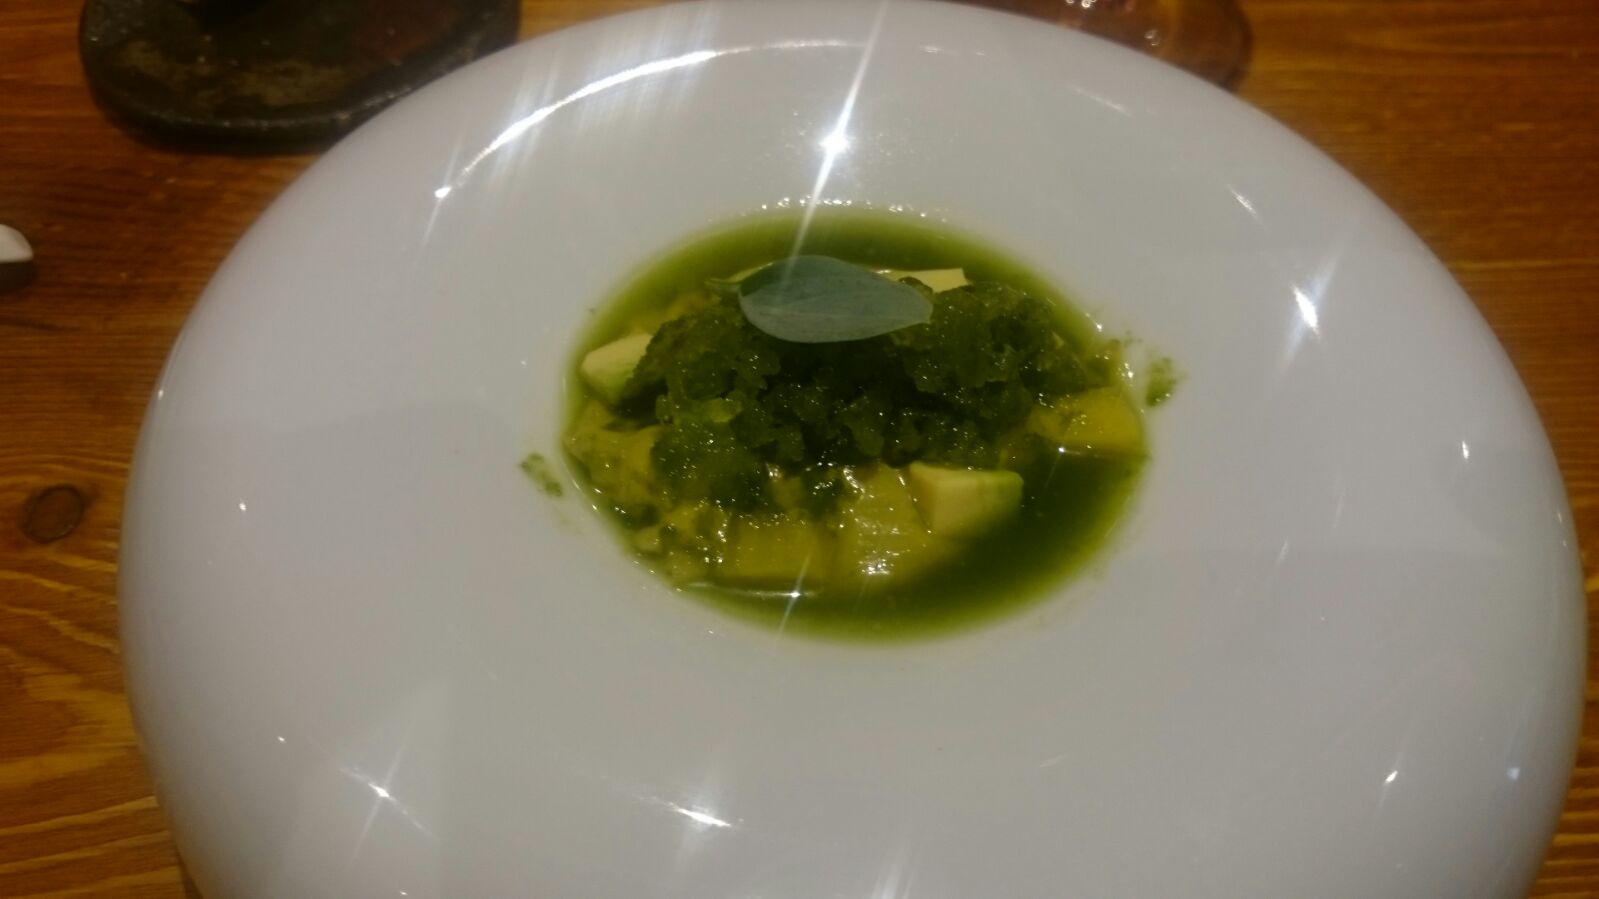 Sustraiak gastronómico. en Bilbao